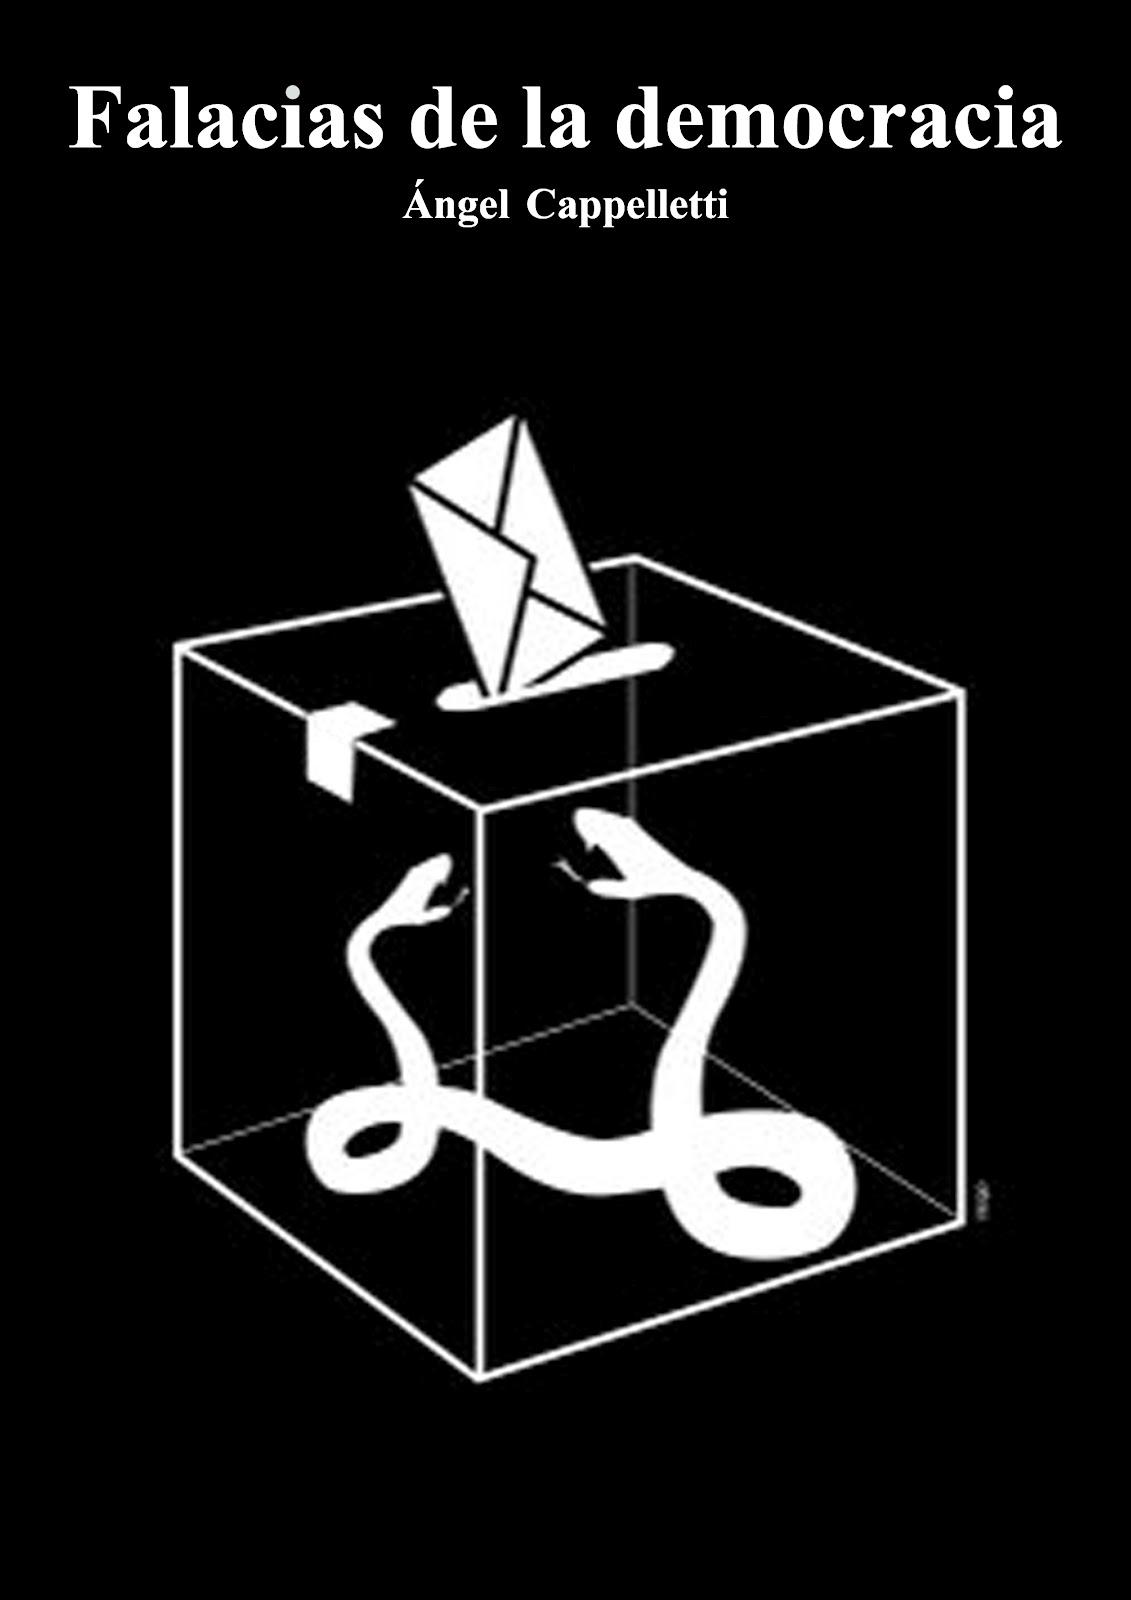 Ángel Cappelletti. Falacias de la democracia